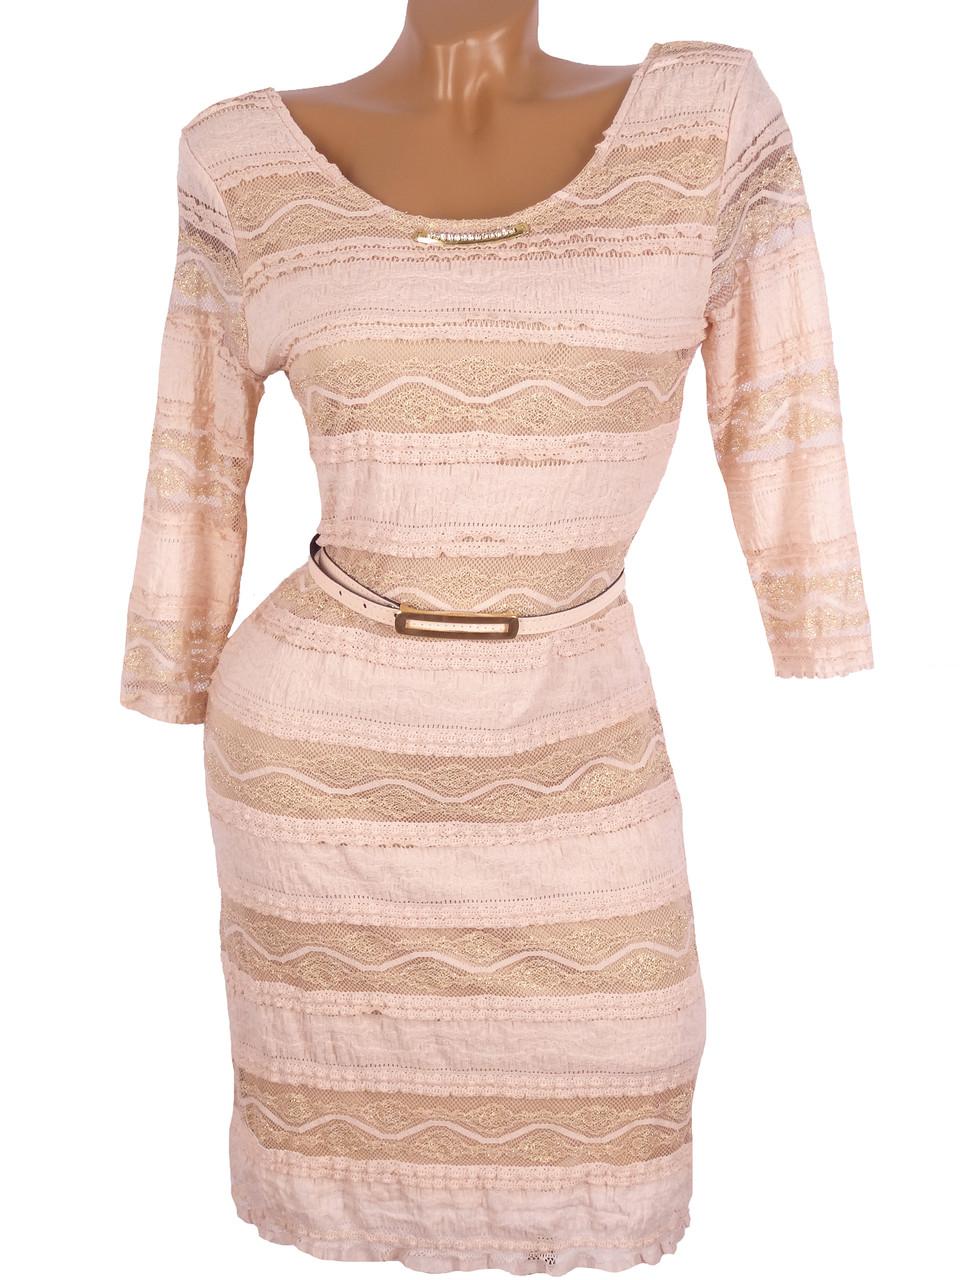 Нарядное платье с золотистым гипюром (48р)